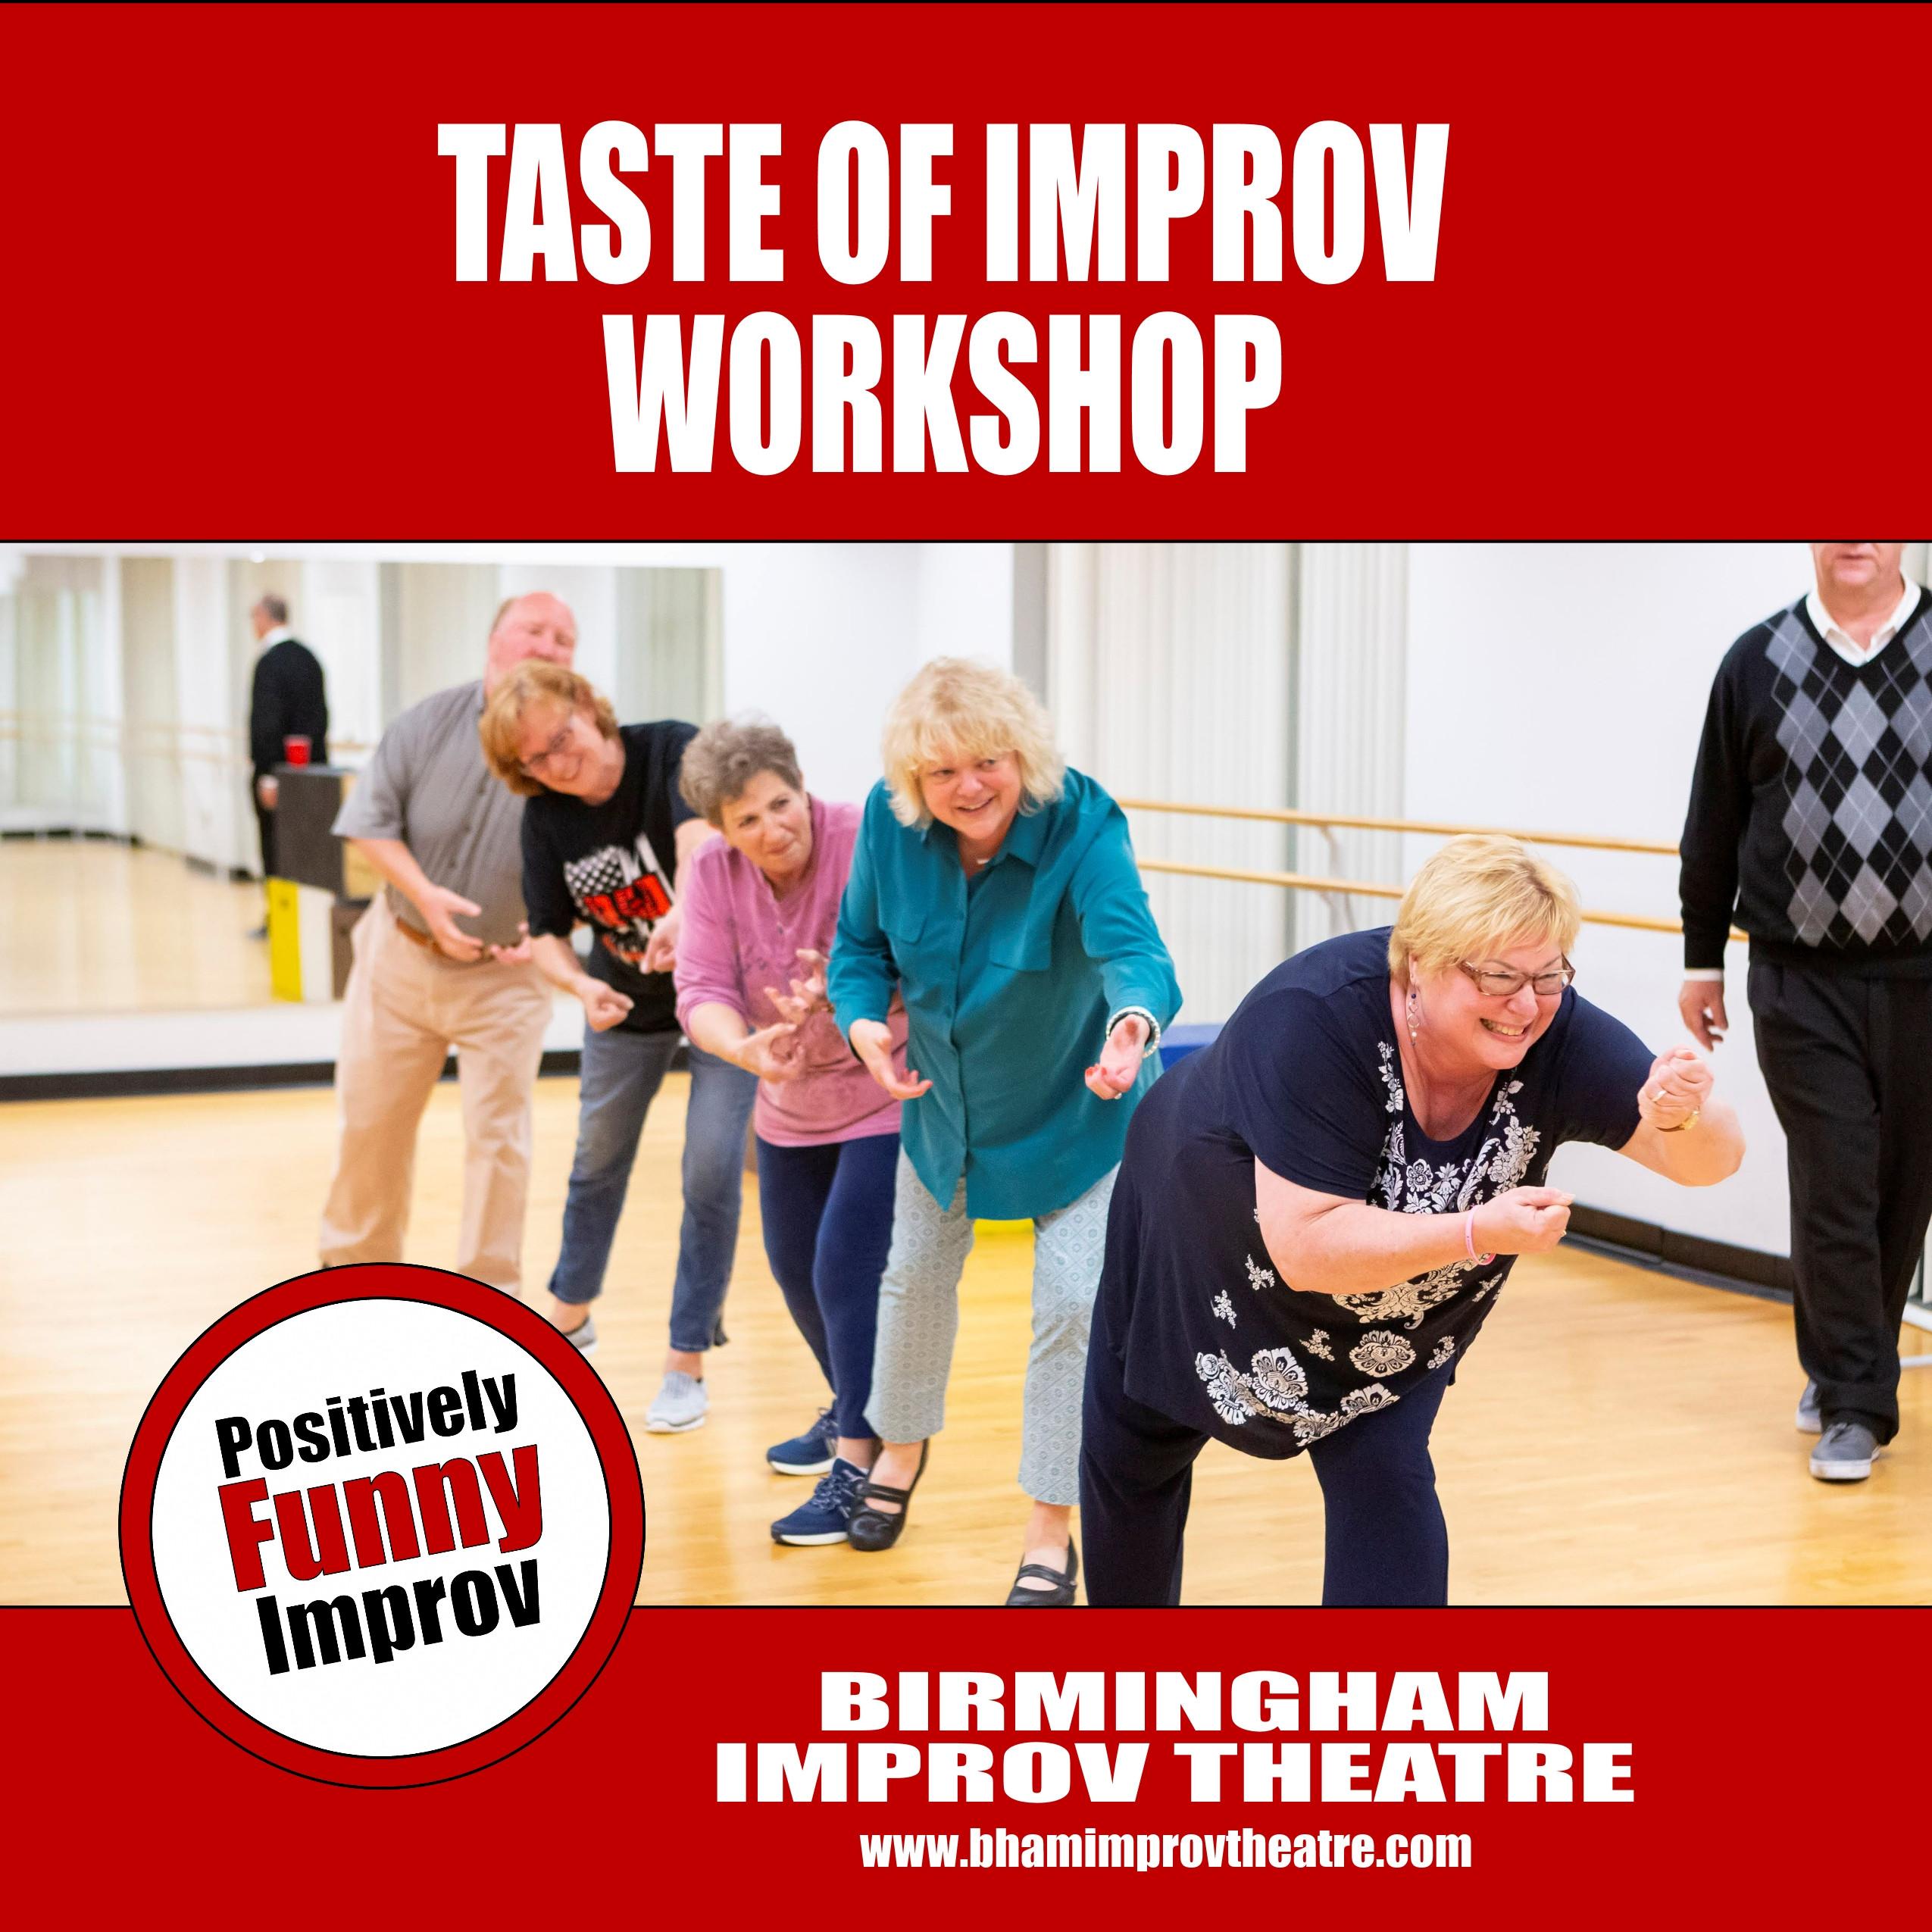 Taste of Improv Workshop